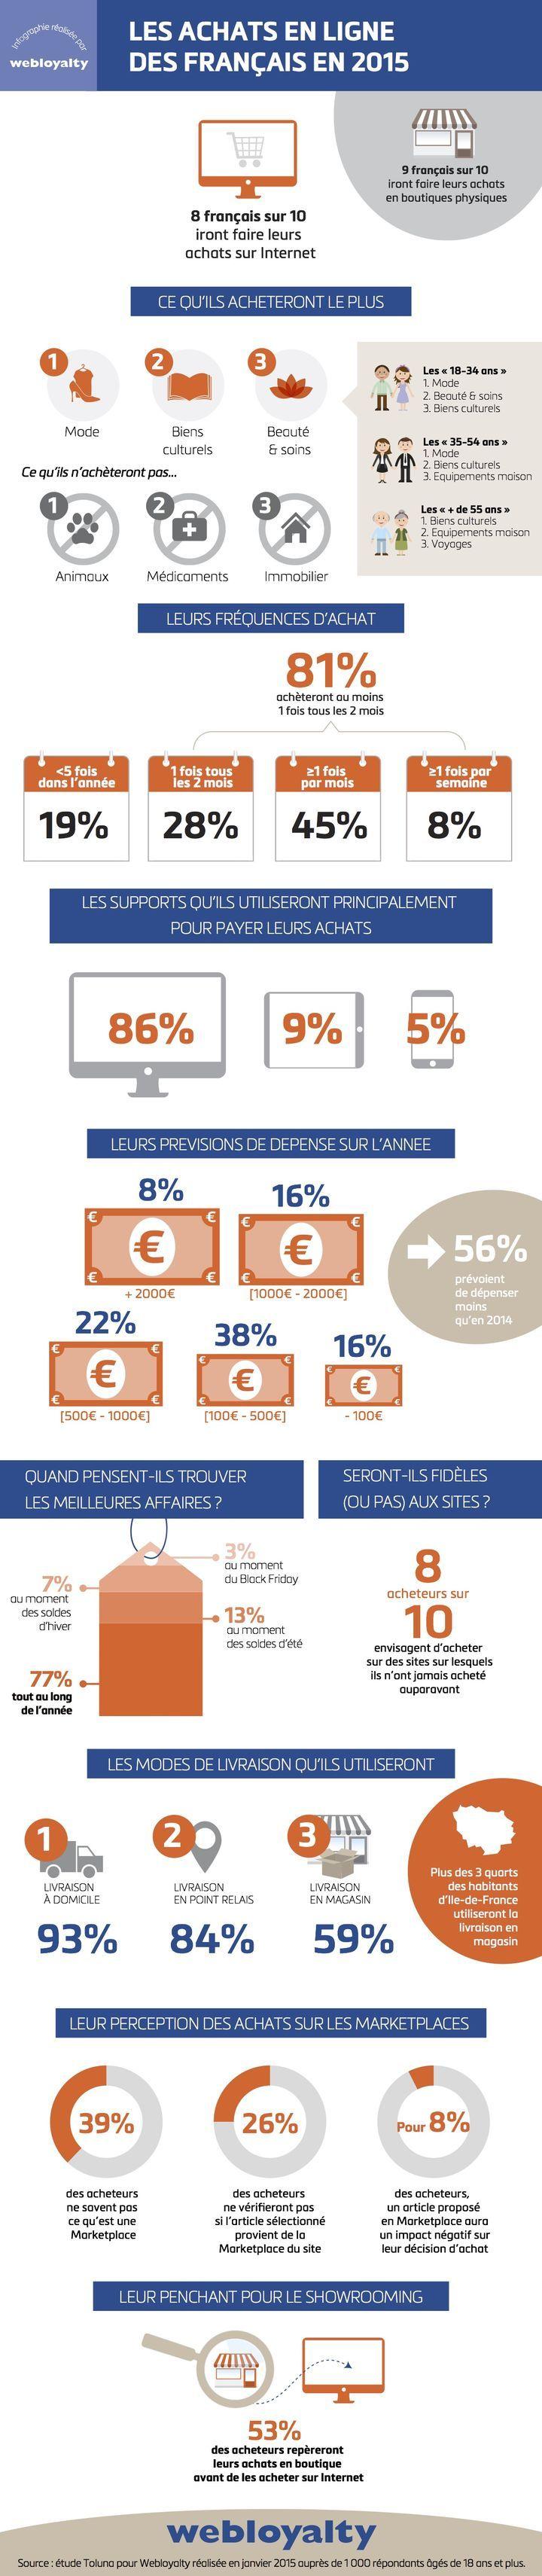 E-commerce : Plus d'achats en ligne mais moins de dépenses en 2015 [infographie]